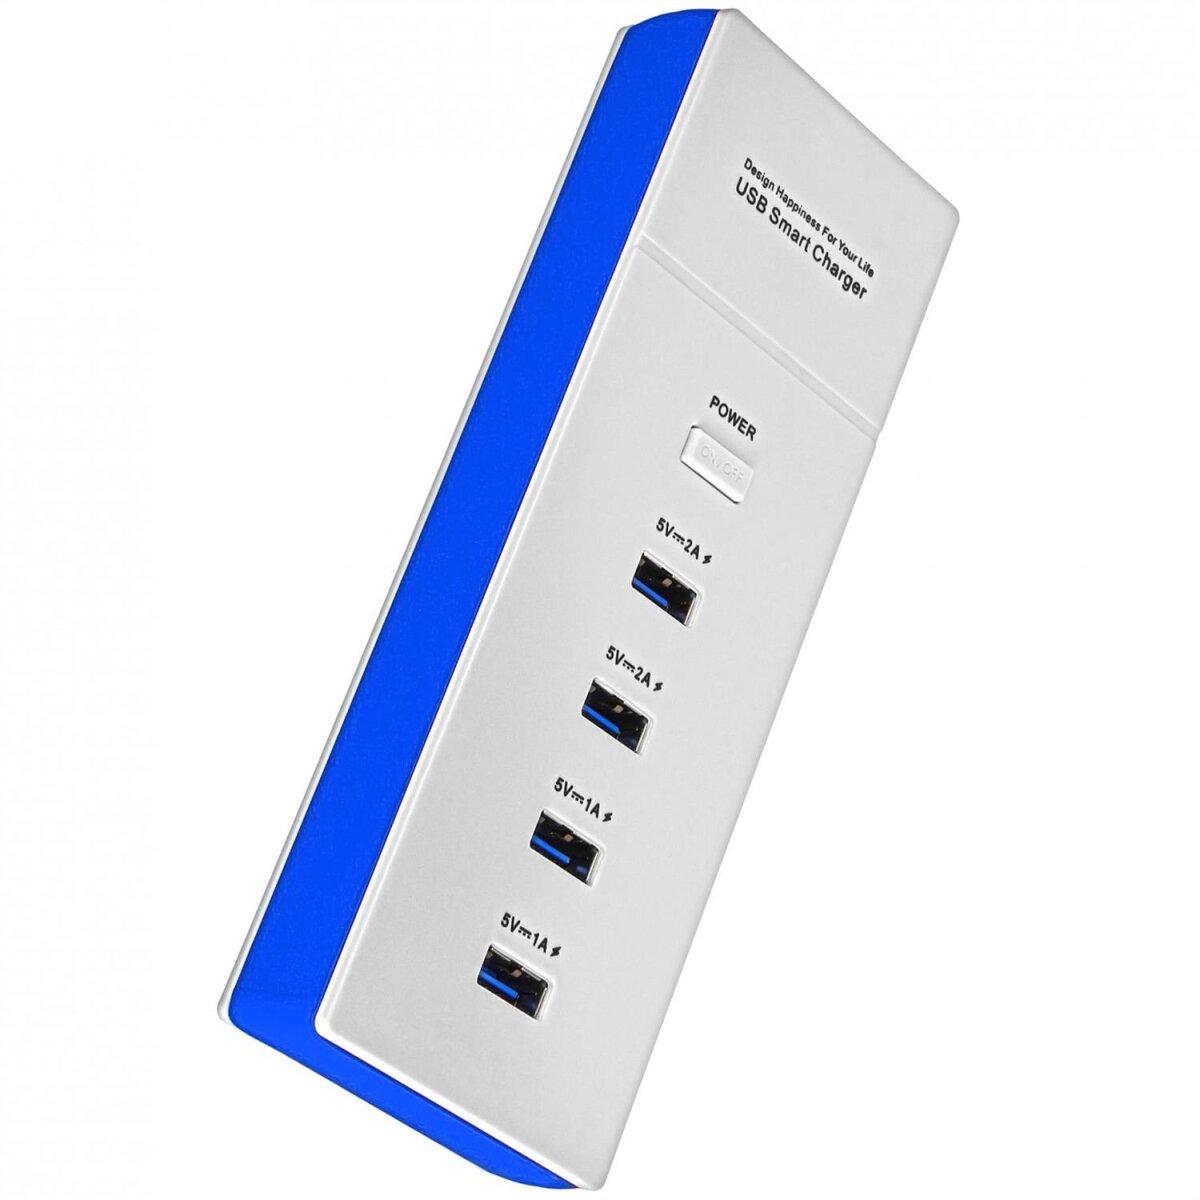 4 Fach USB Ladegerät / Leiste SP-880 Blau